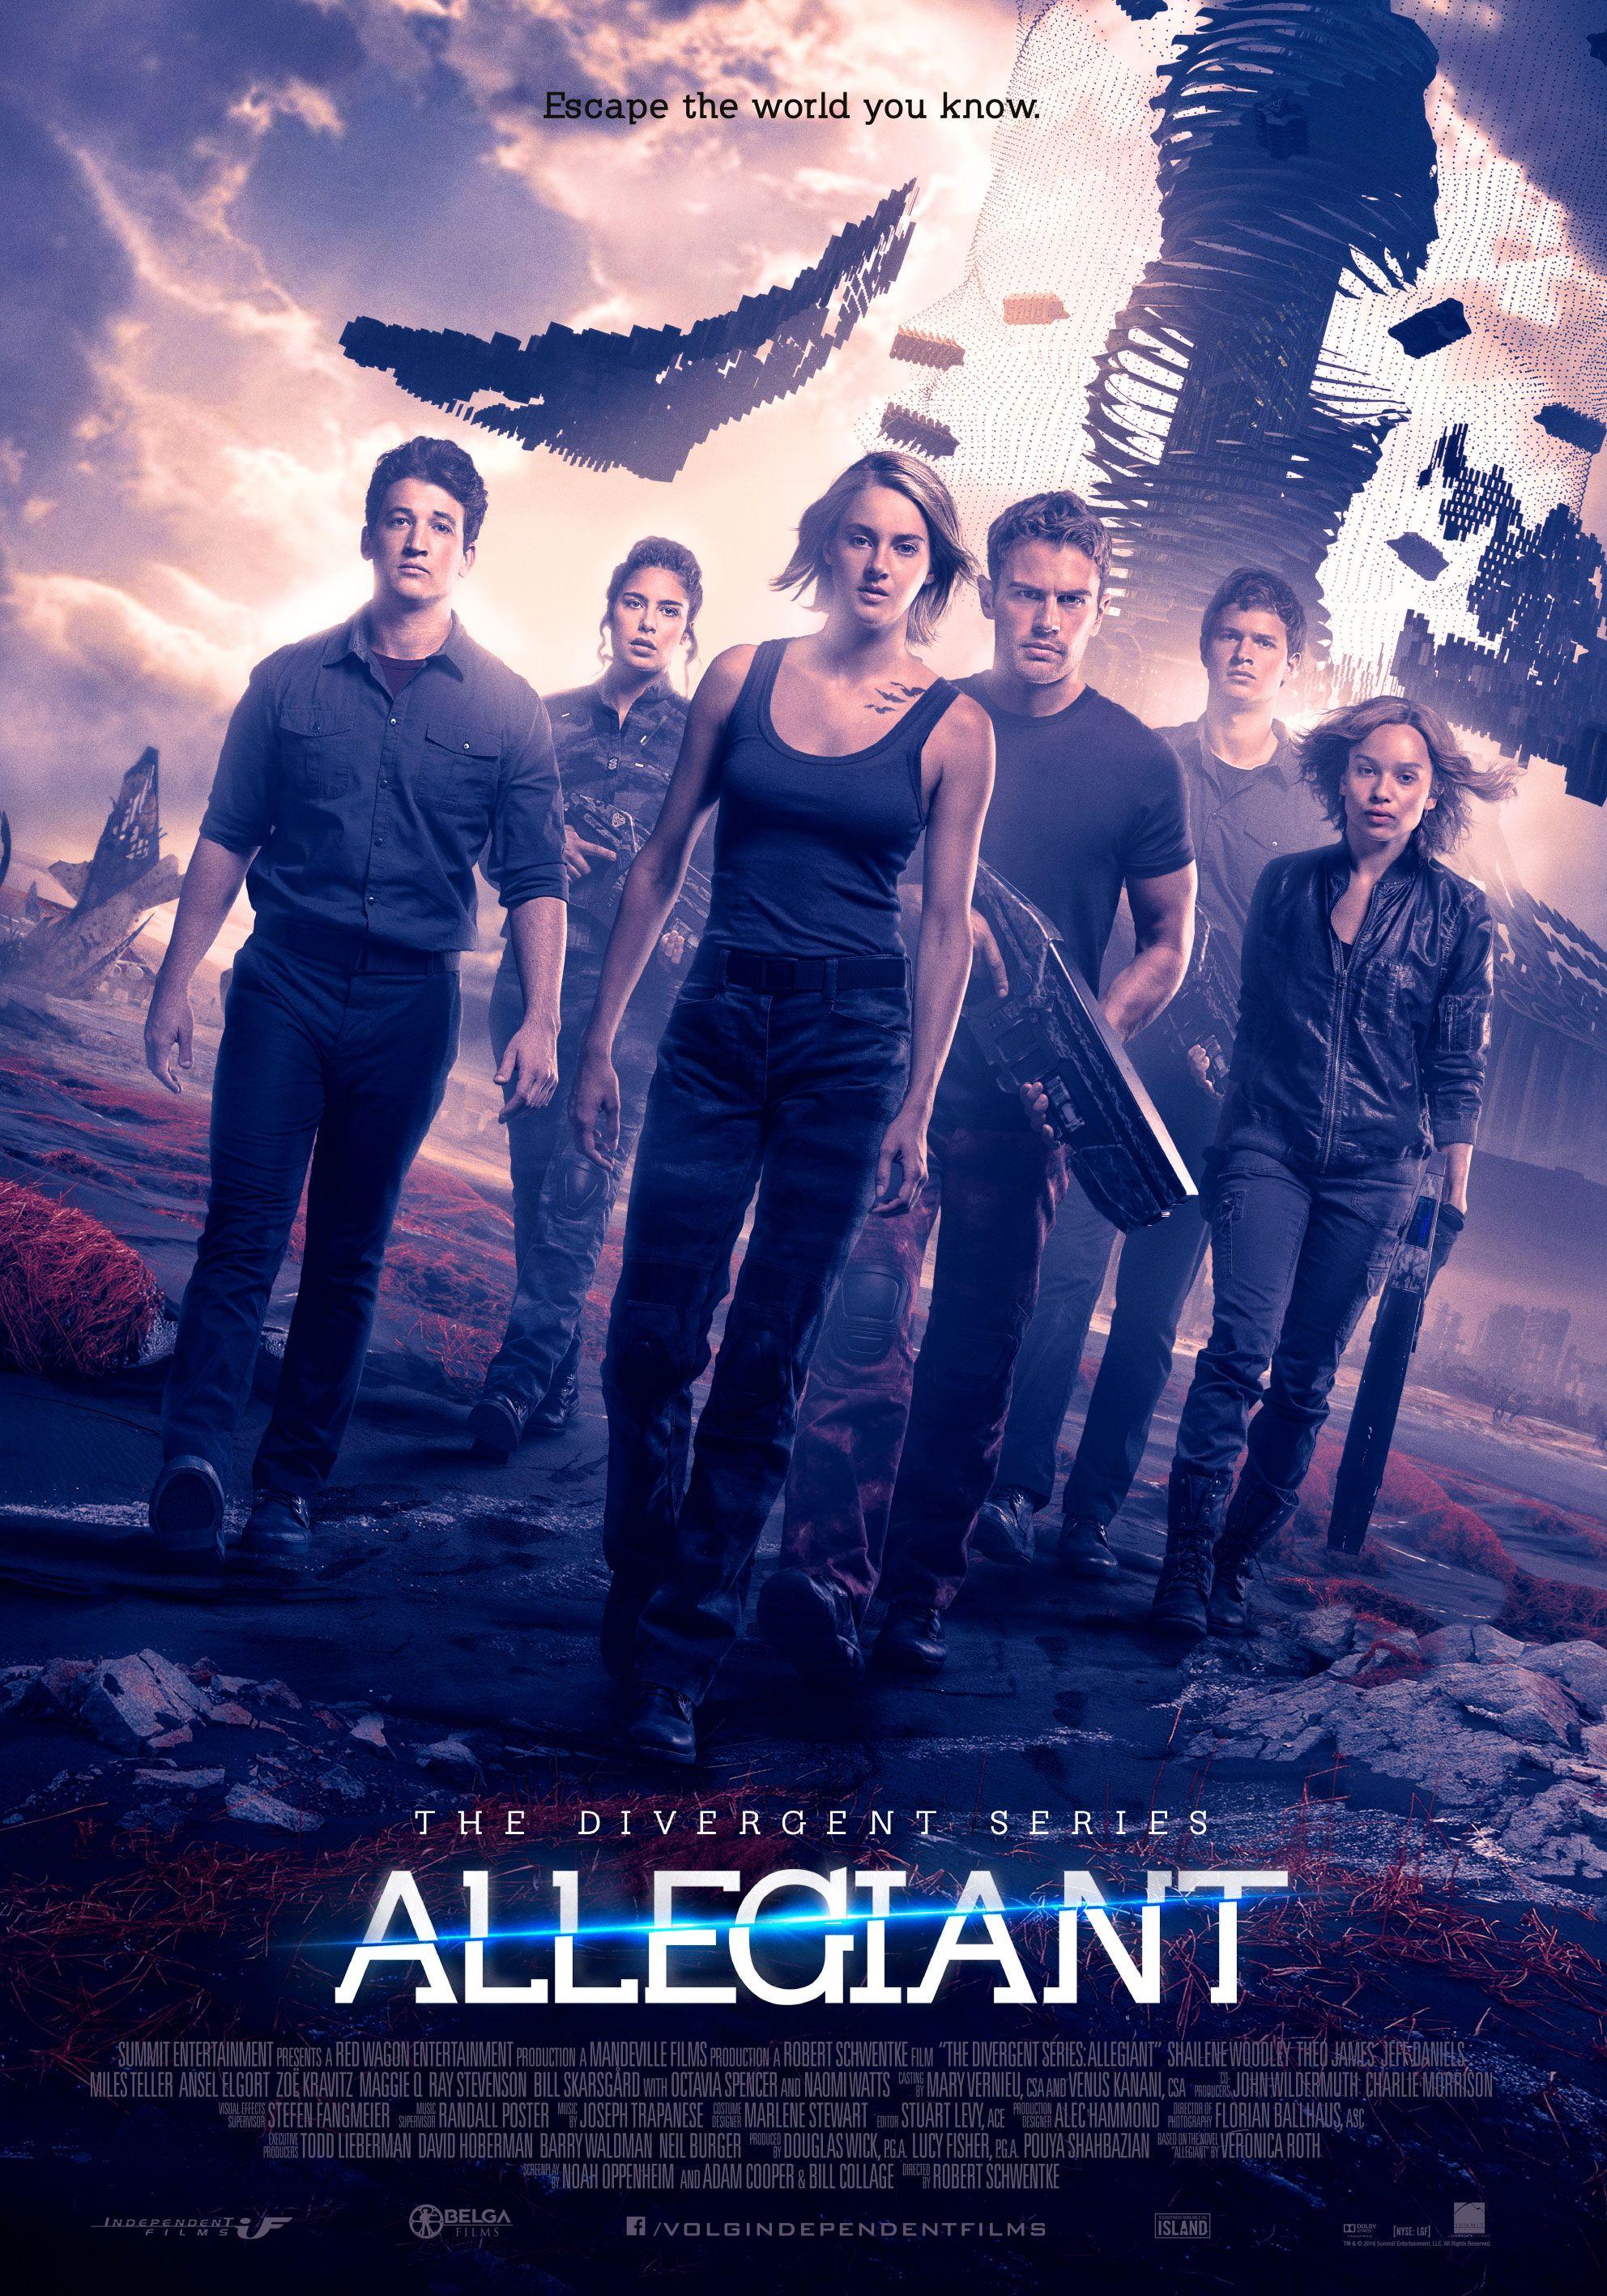 The Divergent Series Allegiant 2016 Allegiant Divergent Acteurs